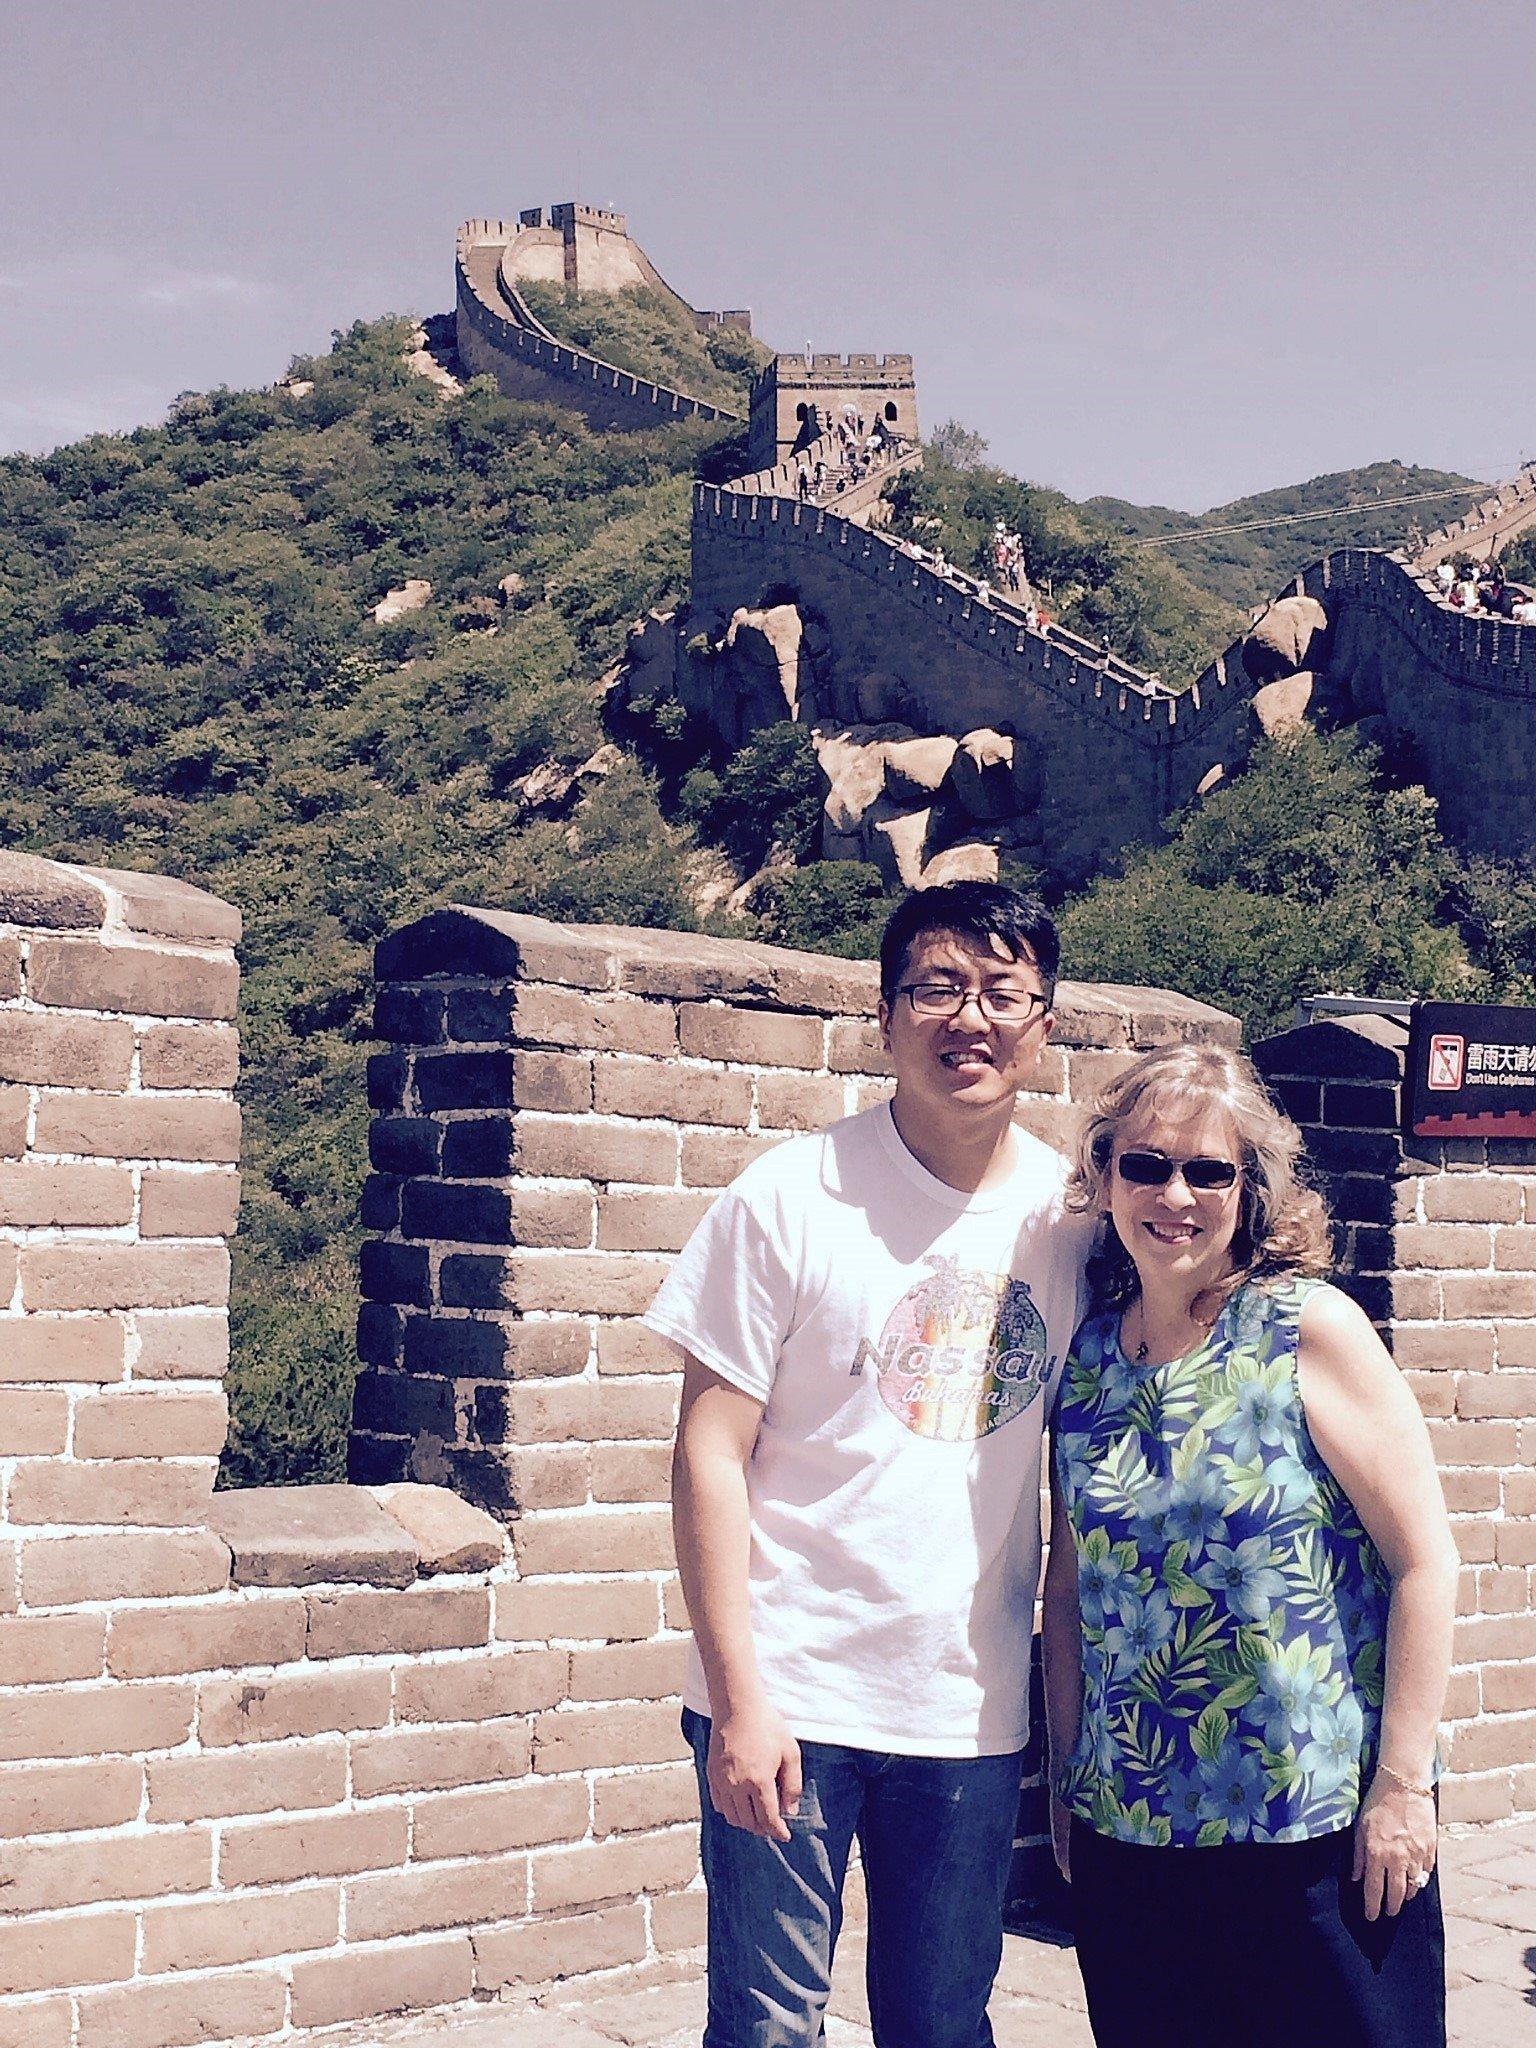 Mirta Martin in China